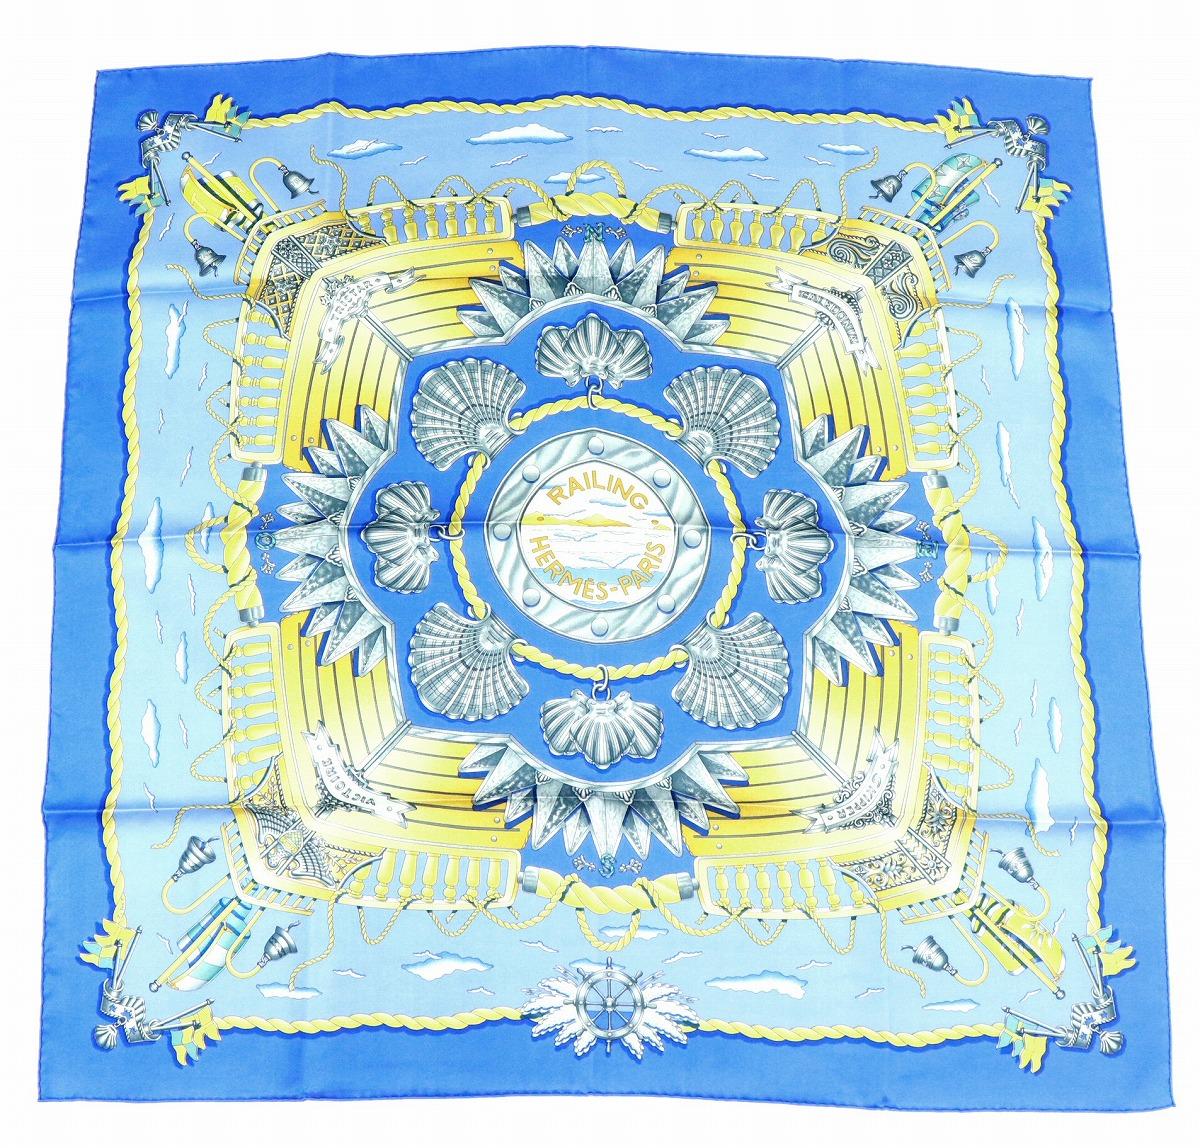 【未使用品】HERMES エルメス スカーフ カレ 90 シルク100% 『RAILING』 船の手摺 ブルー 青 マルチカラー 【中古】【s】